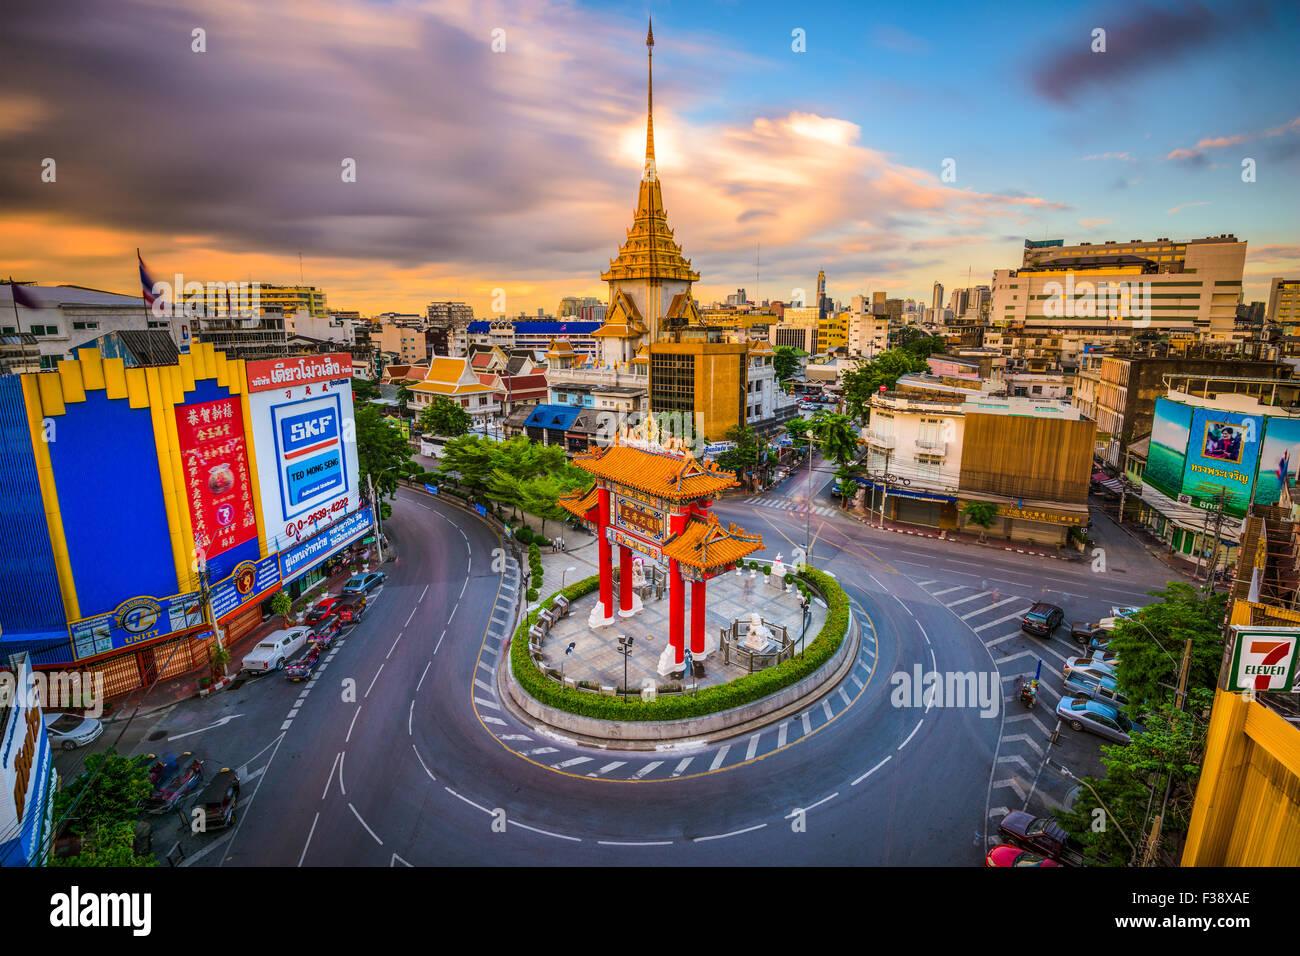 Die Chinatown Tor Kreisverkehr mit Wat Traimit hinter in Bangkok, Thailand. Stockbild